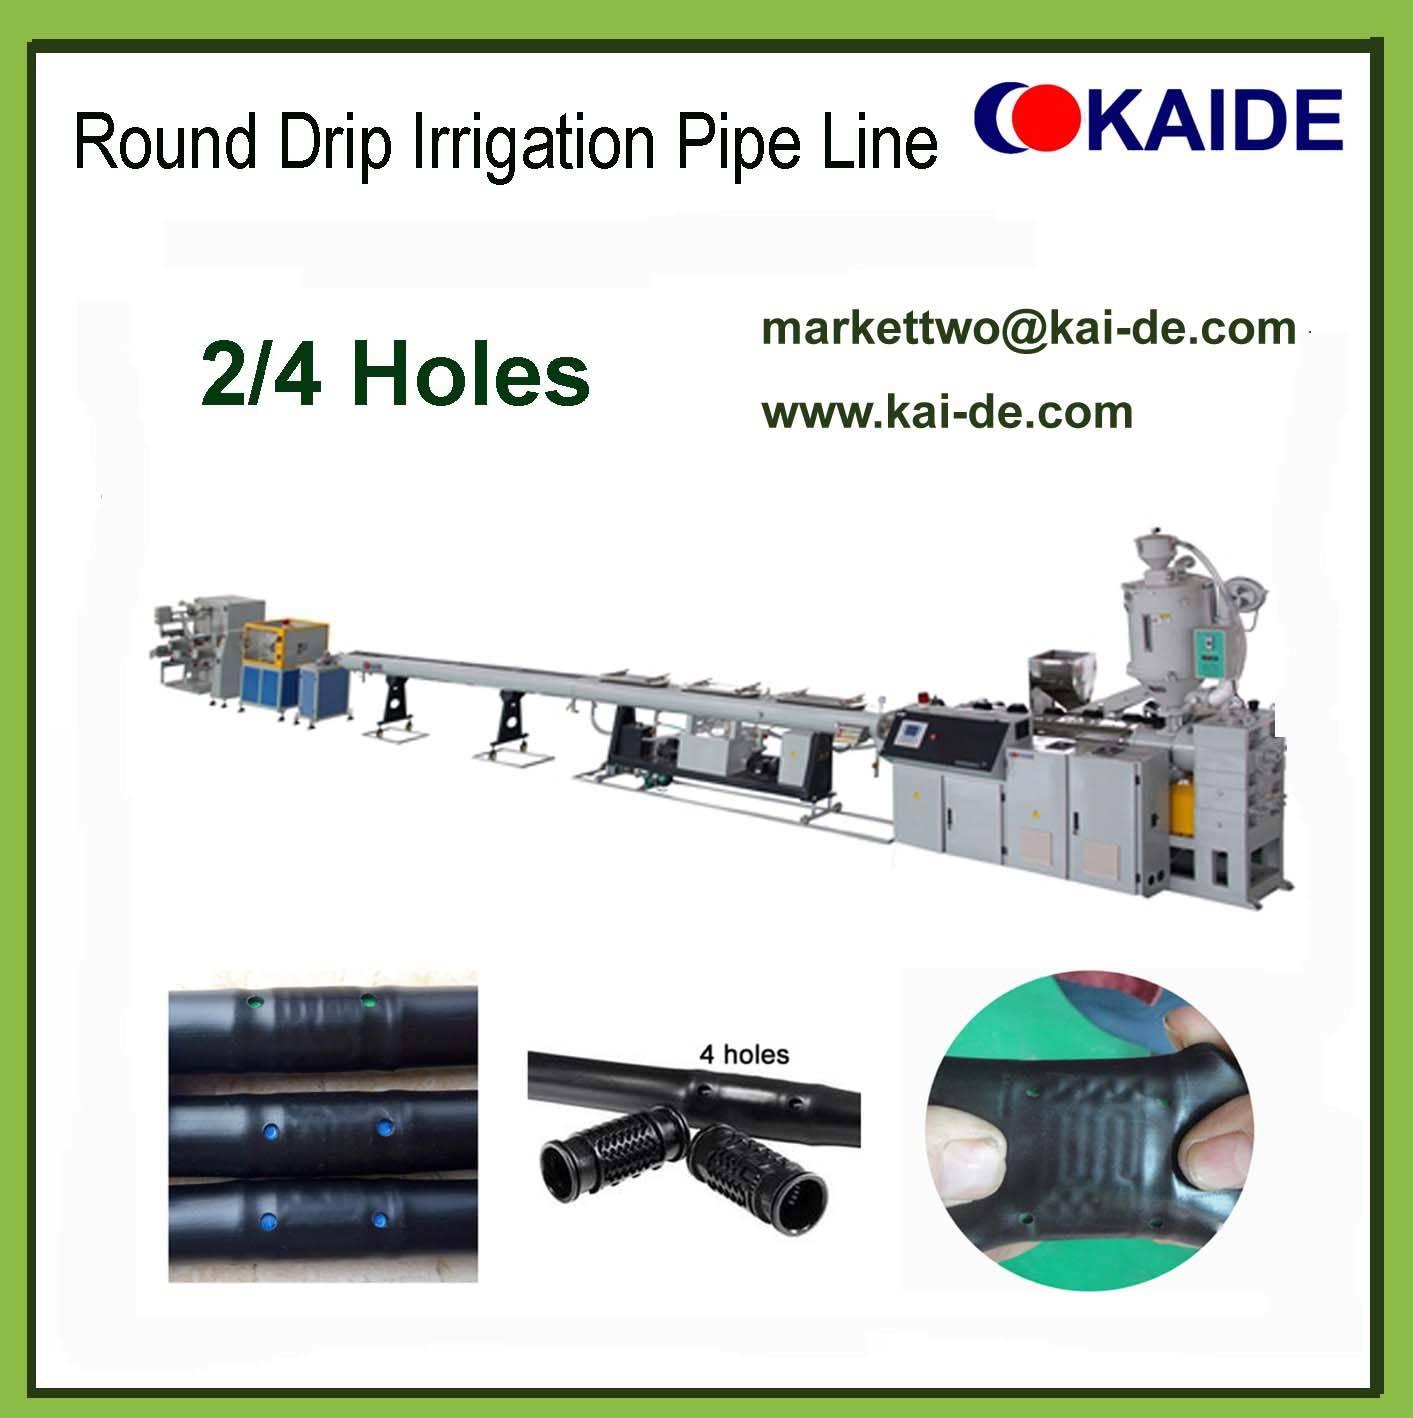 Round Drip Irrigation Pipe Machine with round dripper